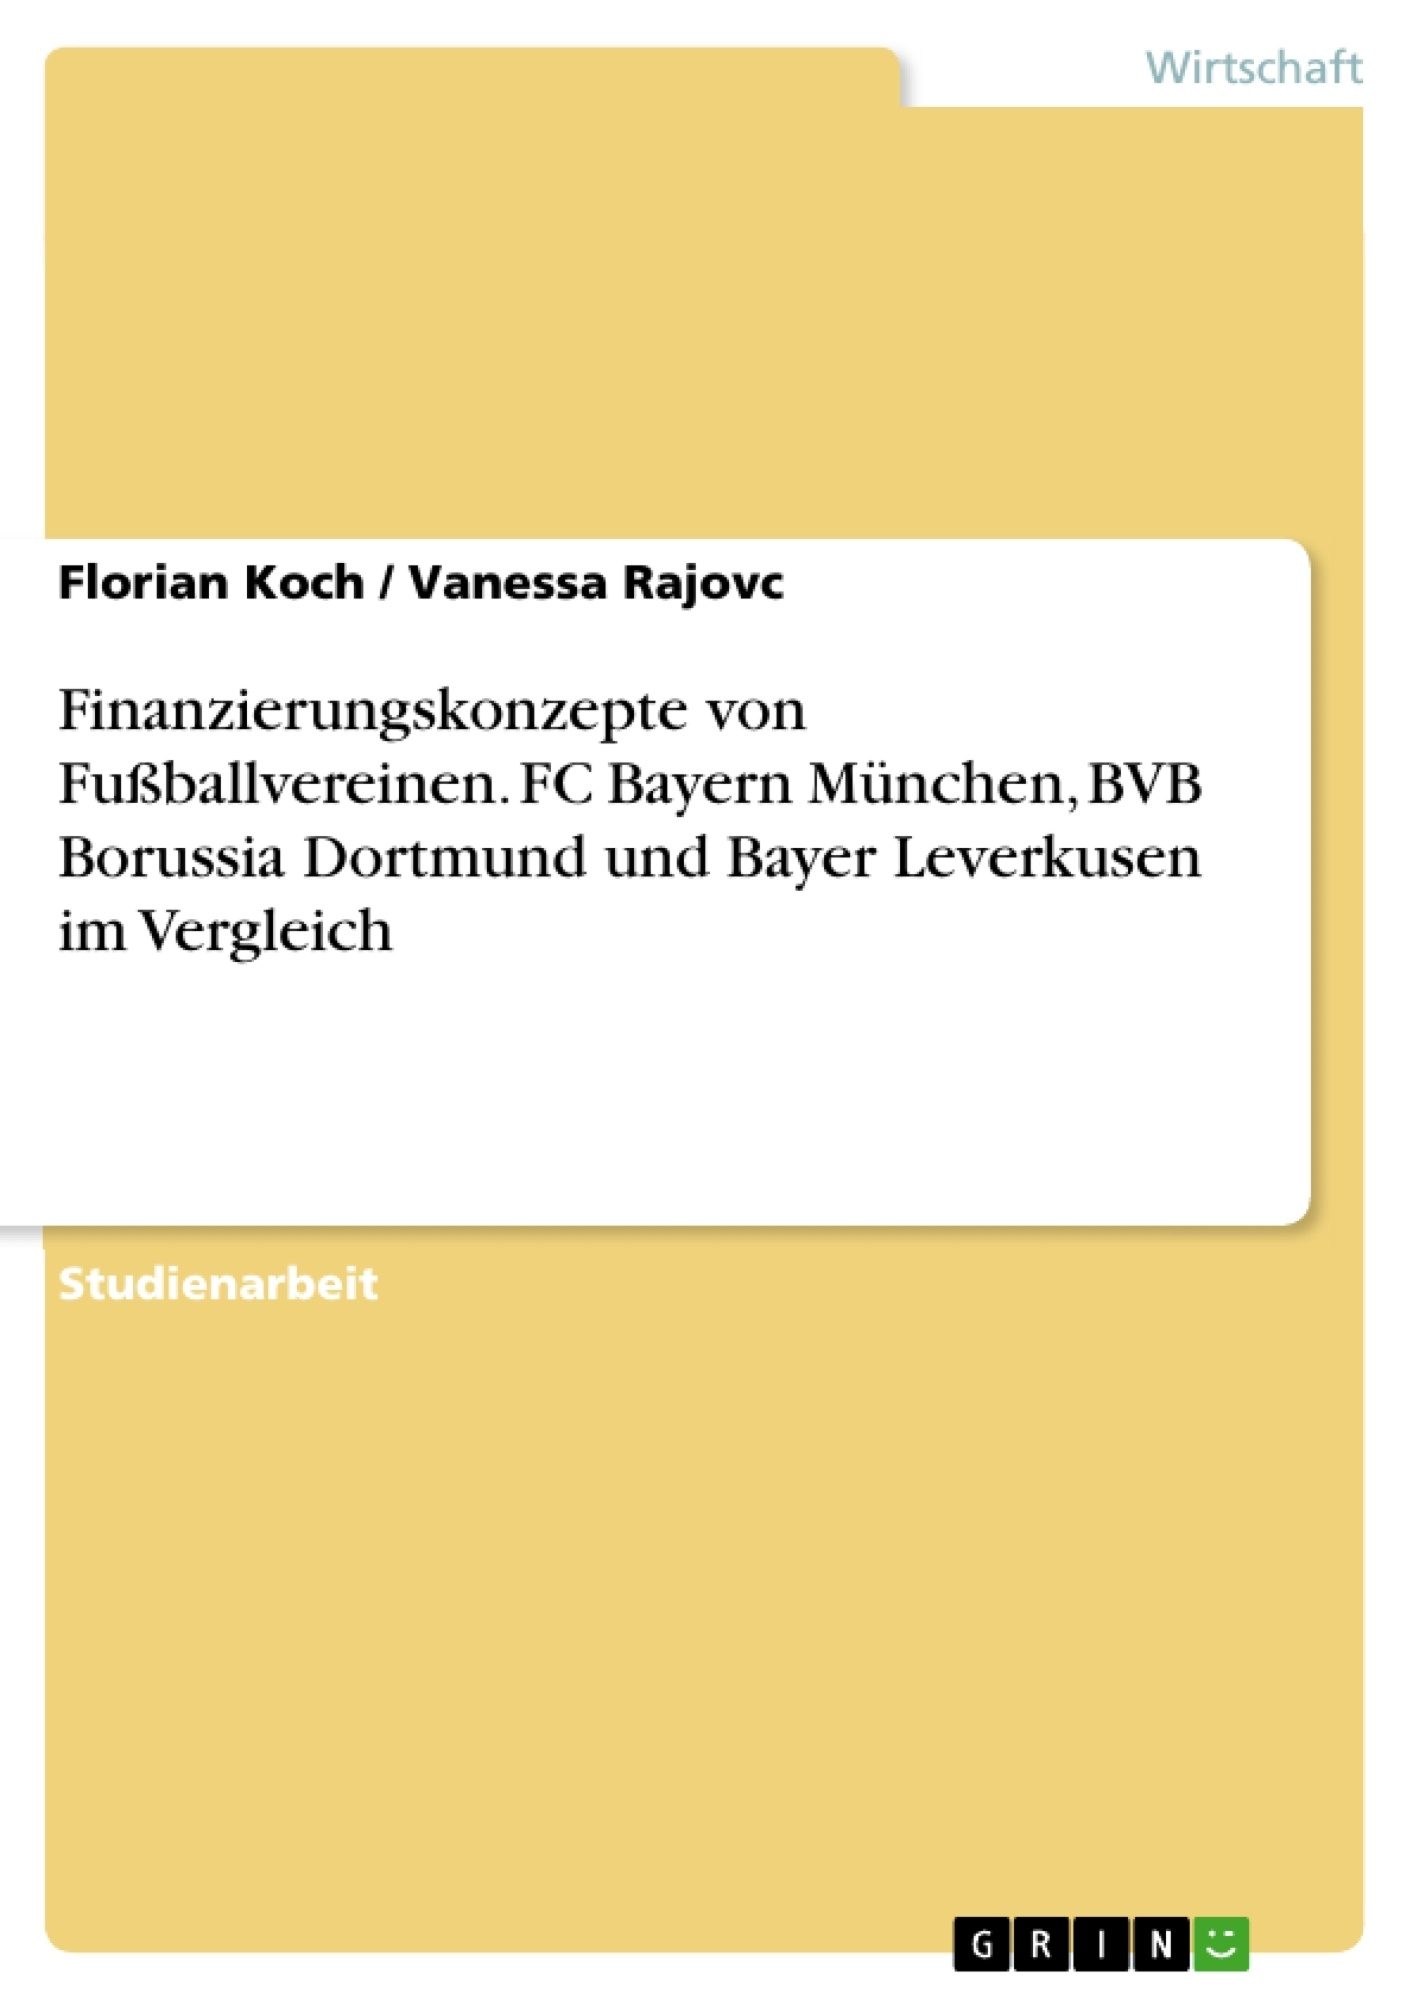 Titel: Finanzierungskonzepte von Fußballvereinen. FC Bayern München, BVB Borussia Dortmund und Bayer Leverkusen im Vergleich